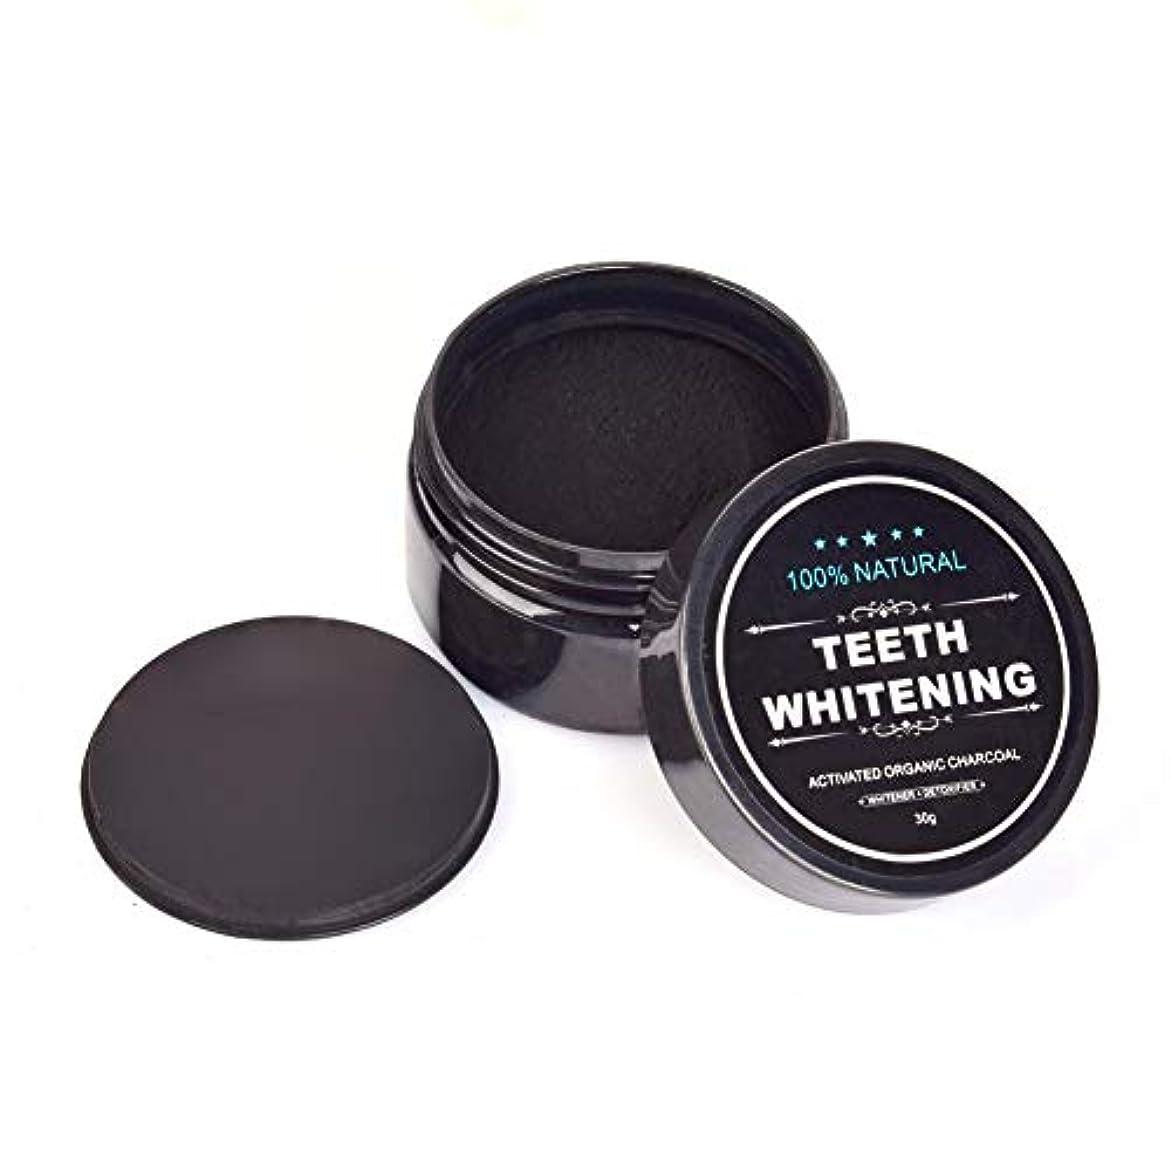 作物形状オフセットSILUN チャコールホワイトニング 歯 ホワイトニング チャコール型 マイクロパウダー 歯 ホワイトニング 食べれる活性炭 竹炭 歯を白くする歯磨き粉 活性炭パウダー